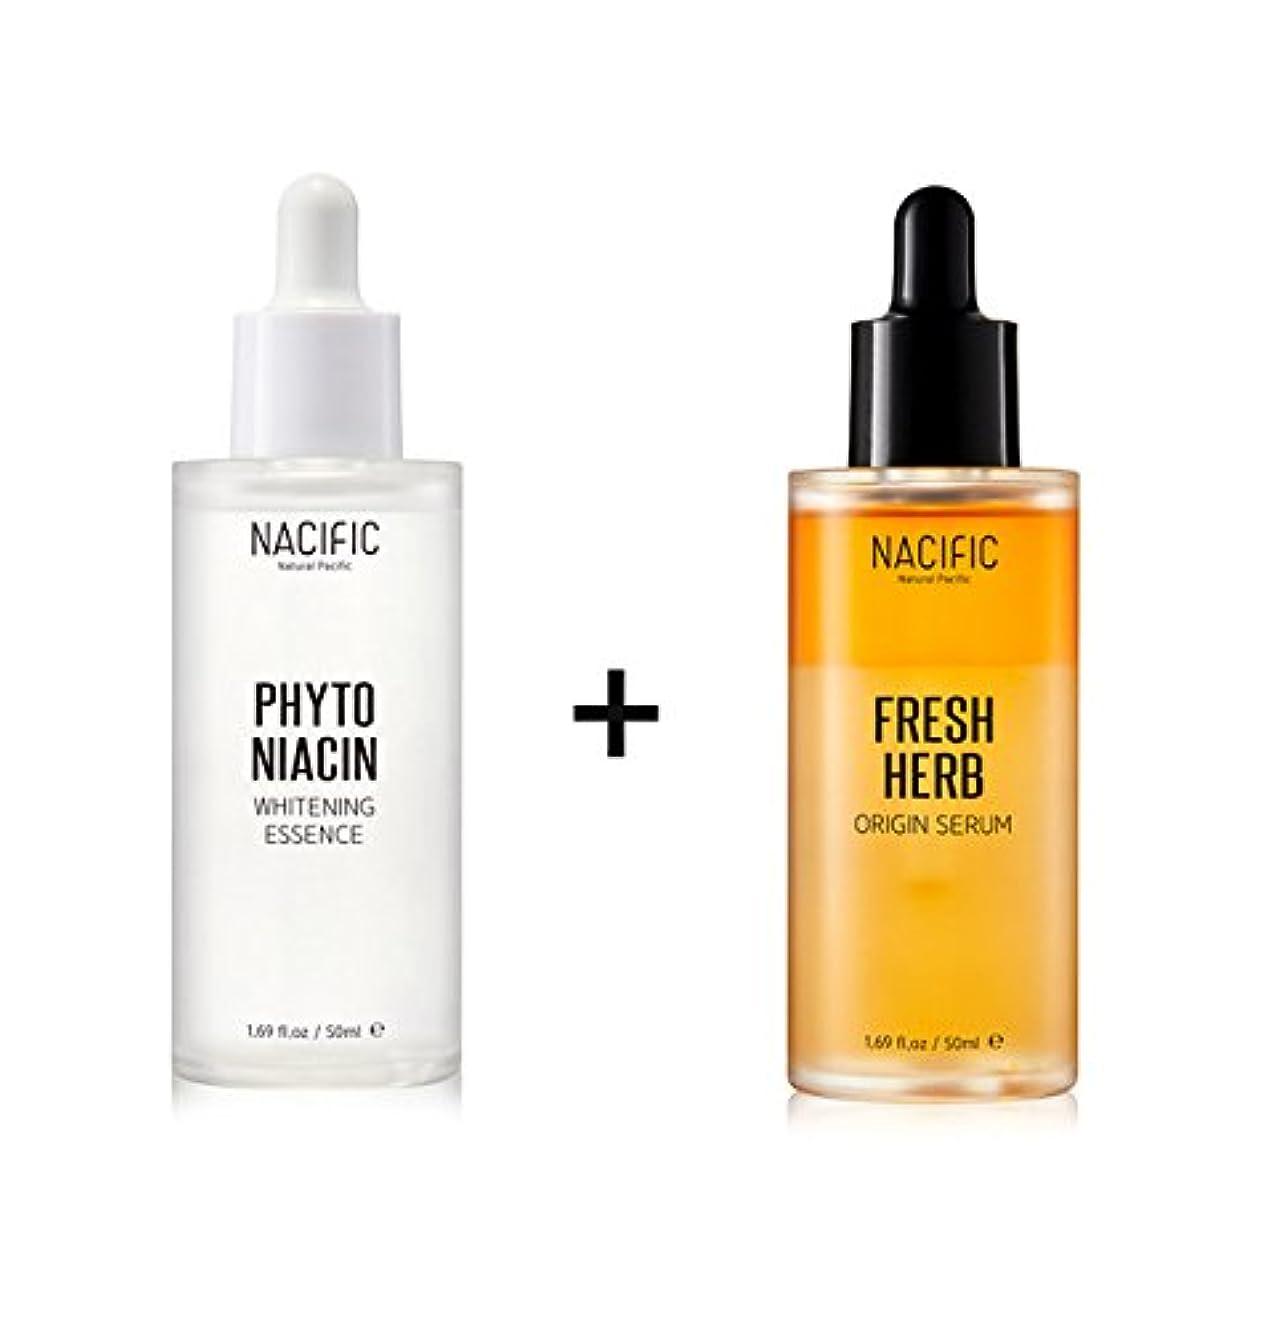 のぞき見低下プラス[Renewal] NACIFIC Fresh Herb Origin Serum 50ml + Phyto Niacin Whitening Essence 50ml/ナシフィック フレッシュ ハーブ オリジン セラム...